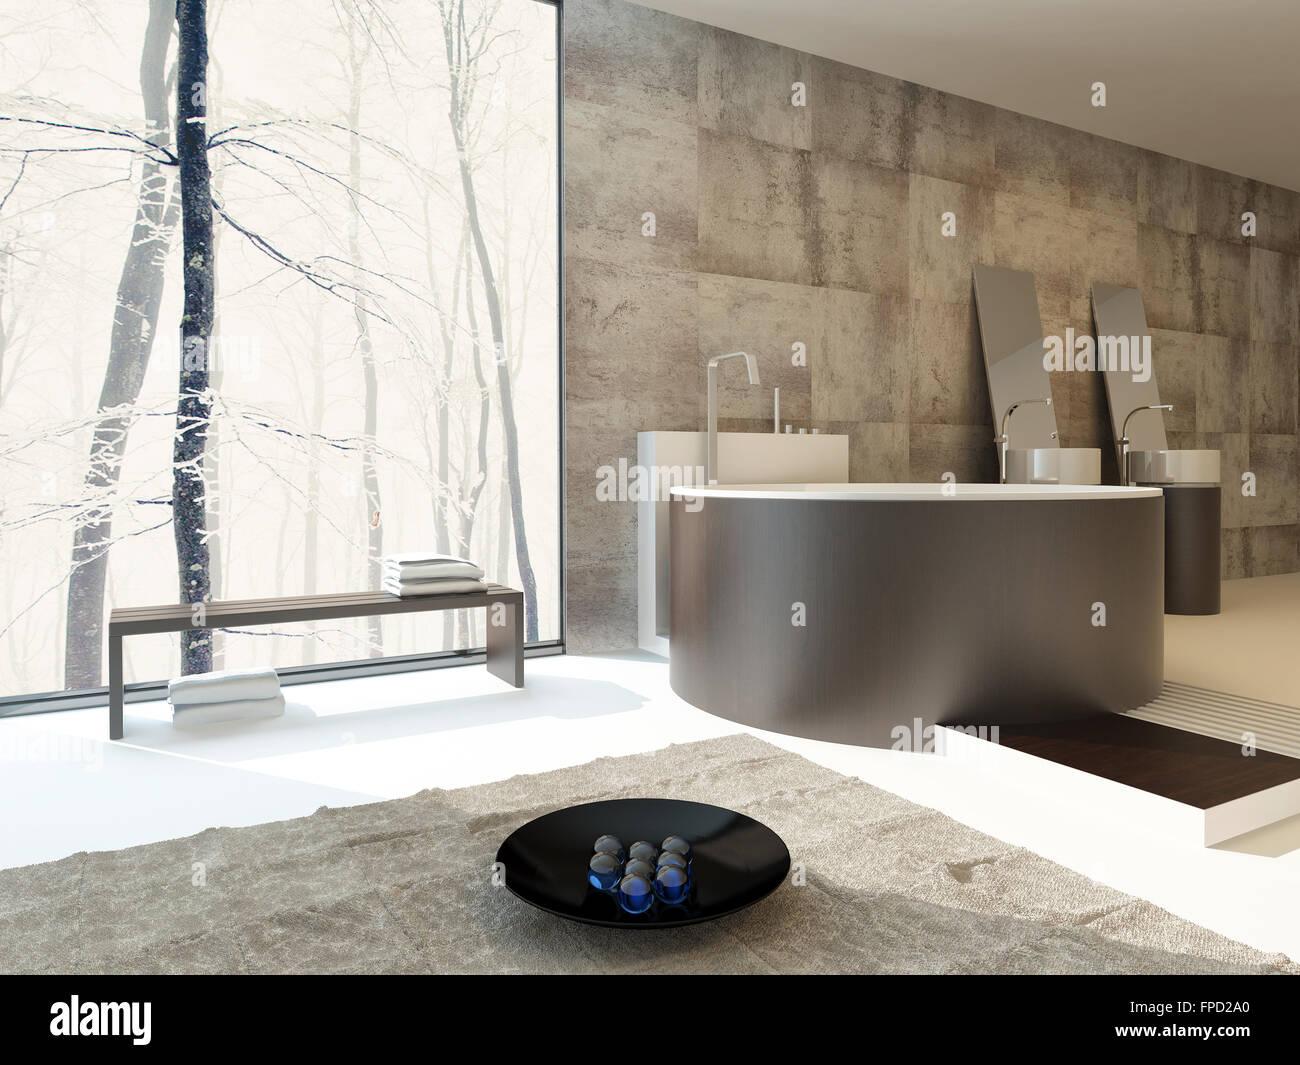 Lieblich Moderne Luxus Badezimmer Interieur In Beige Und Braun Mit Einem  Kreisförmigen Freistehende Badewanne Und Passende Stockbild